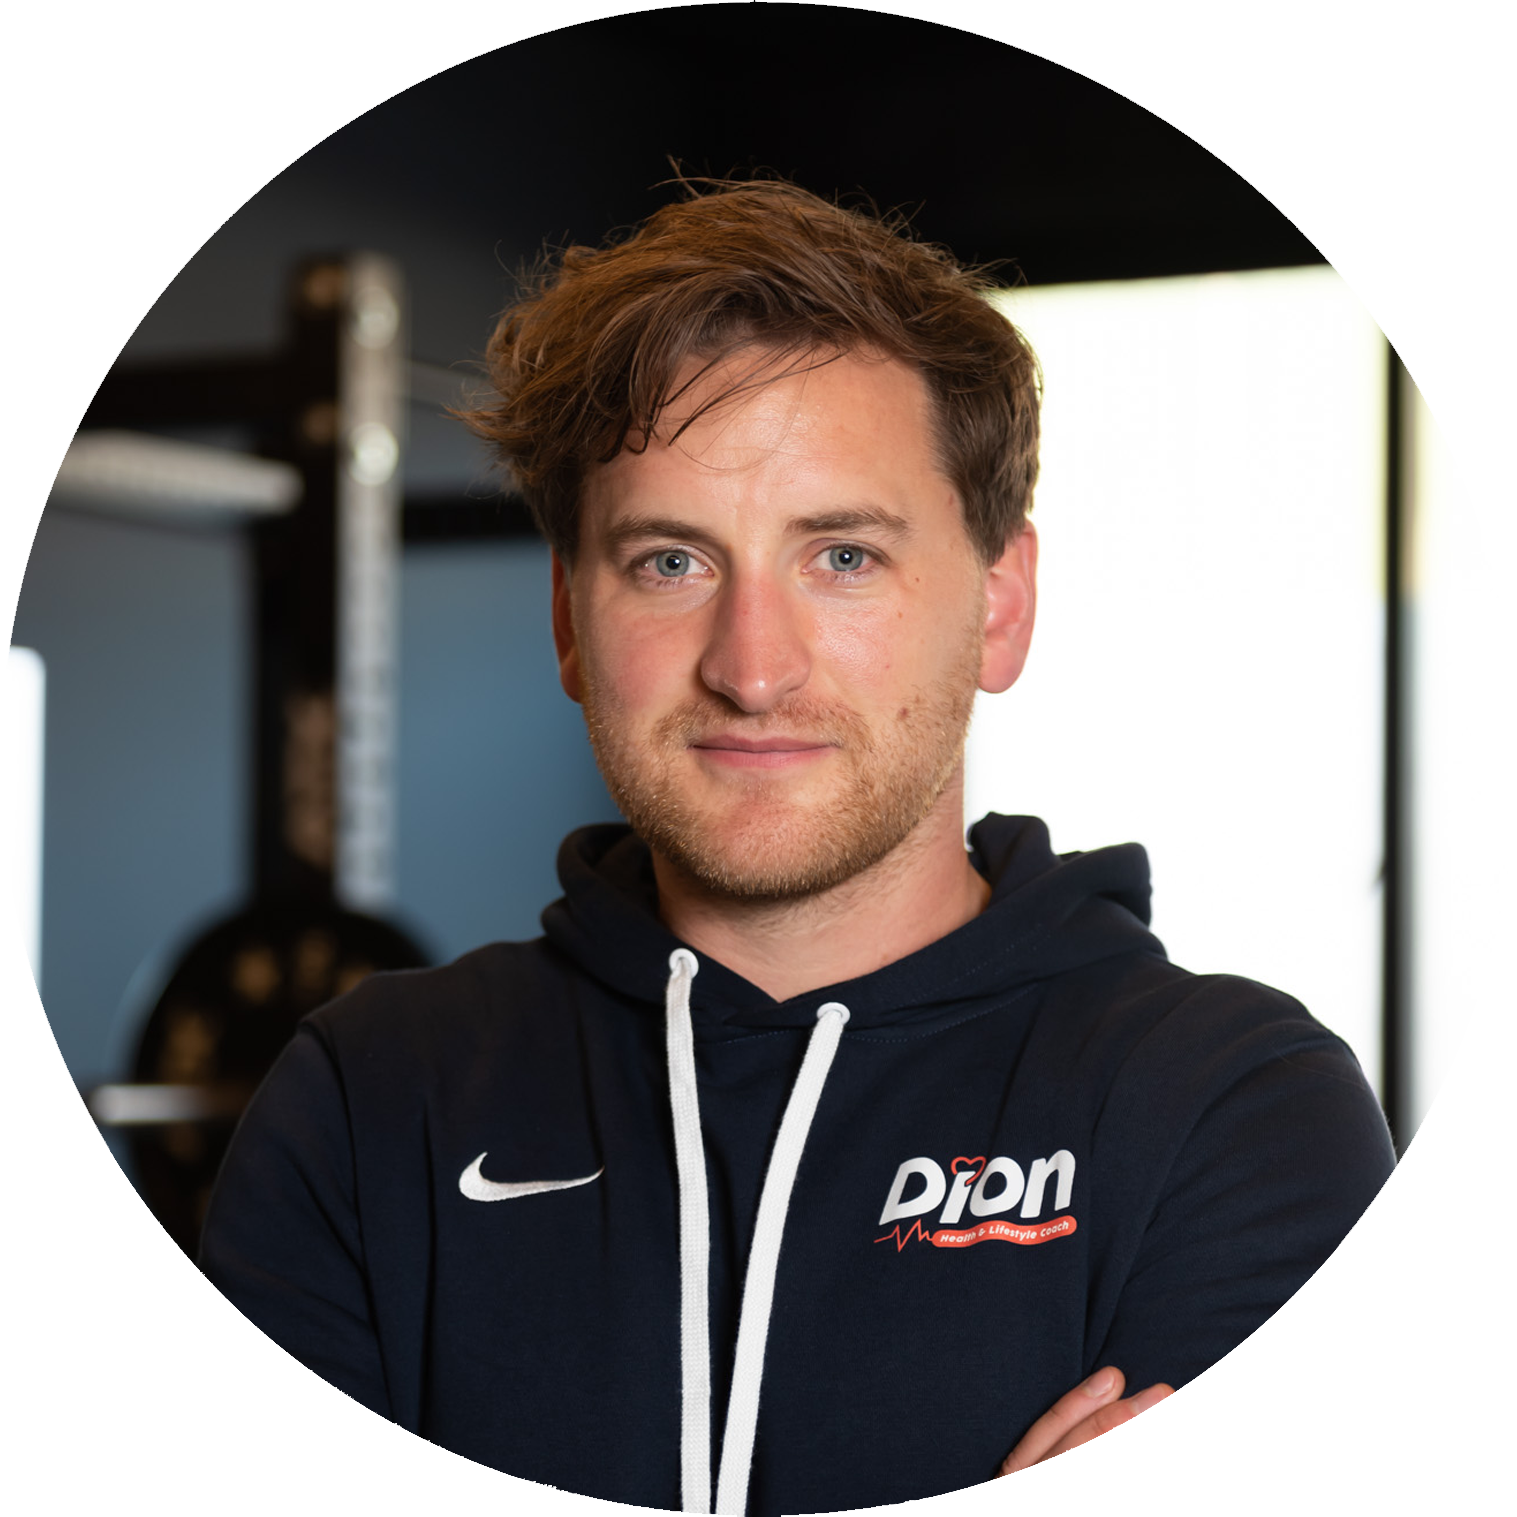 Dion van der Zanden